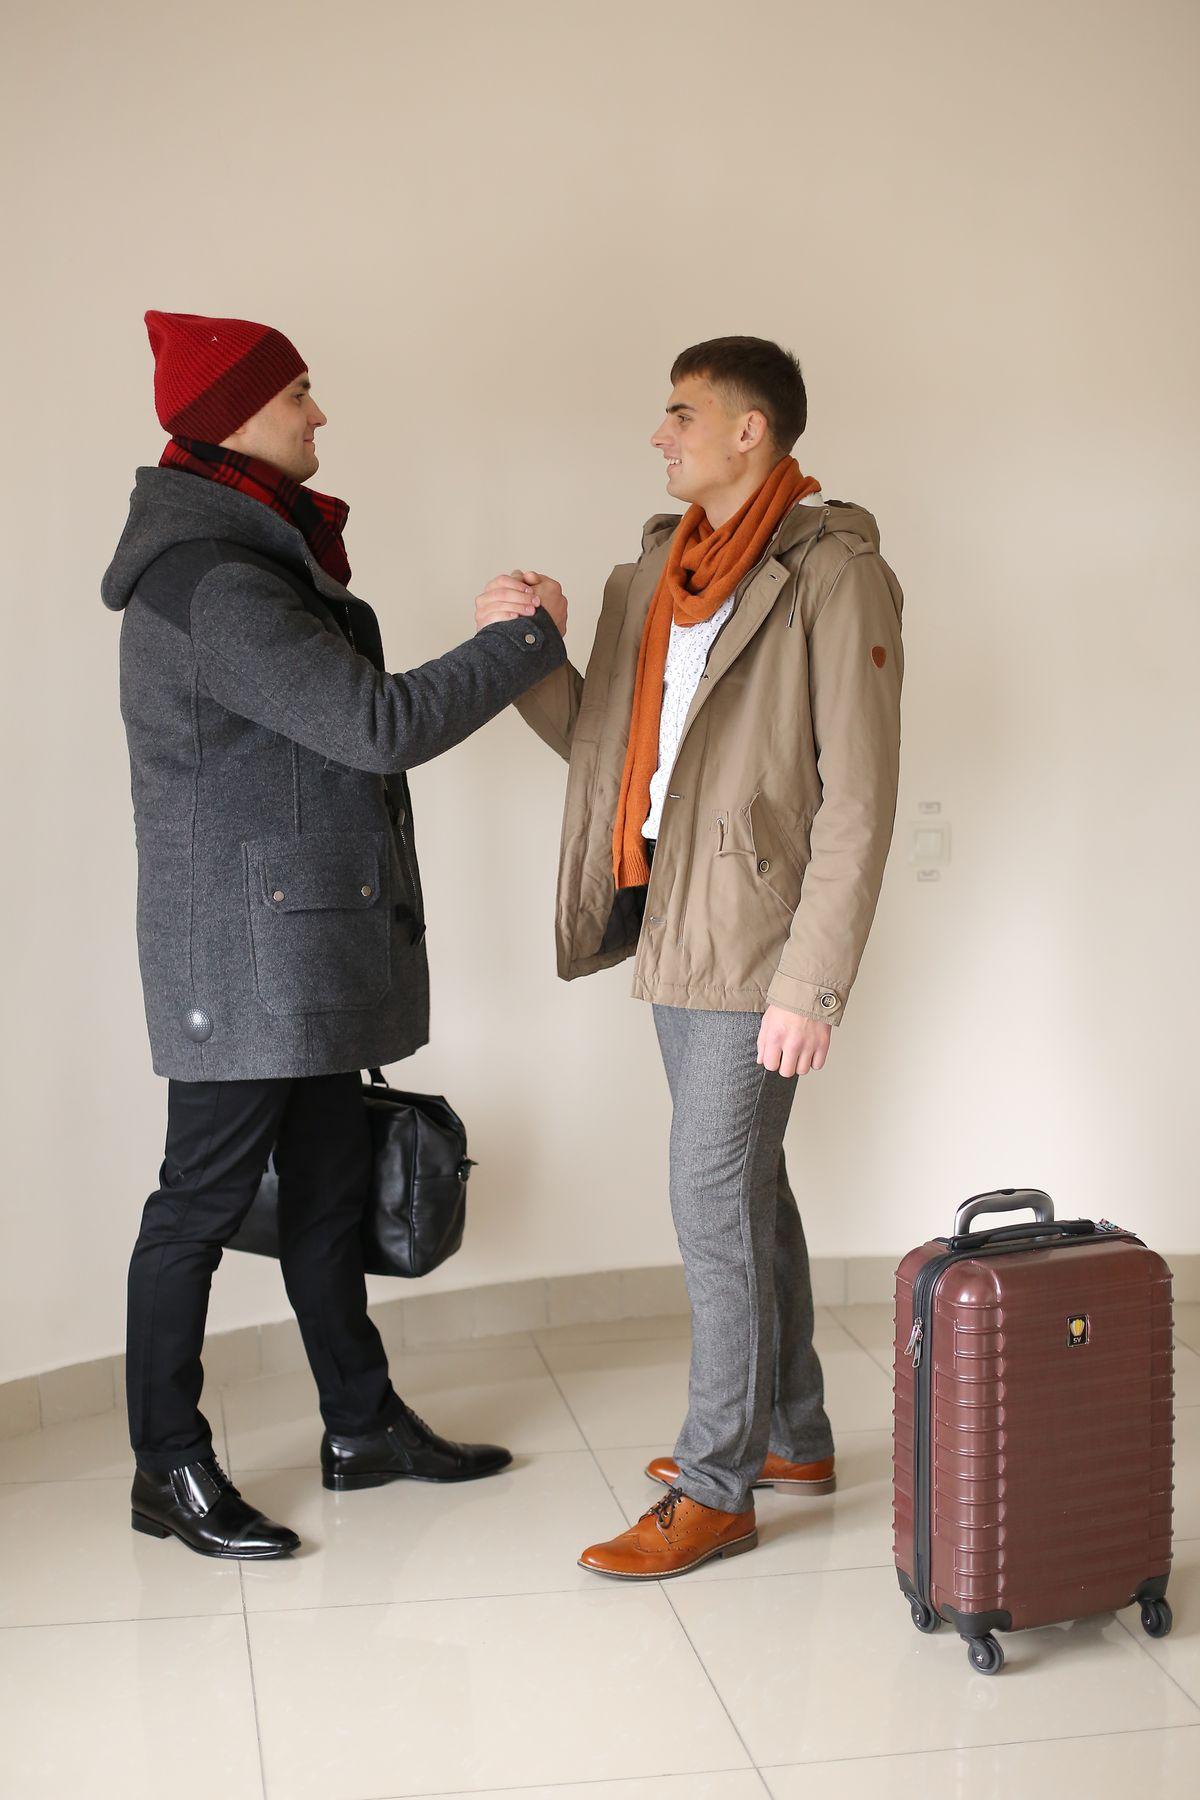 Слева: Шарф alcott (Италия), рубашка и брюки Corey Fildman,  пальто Gotti, полуботинки «Conhpol» Справа: Брюки и рубашка Corey Fildman, ремень mustang, куртка утеплённая и шарф tom farr, полуботинки «Conhpol», чемодан Sun Voyage